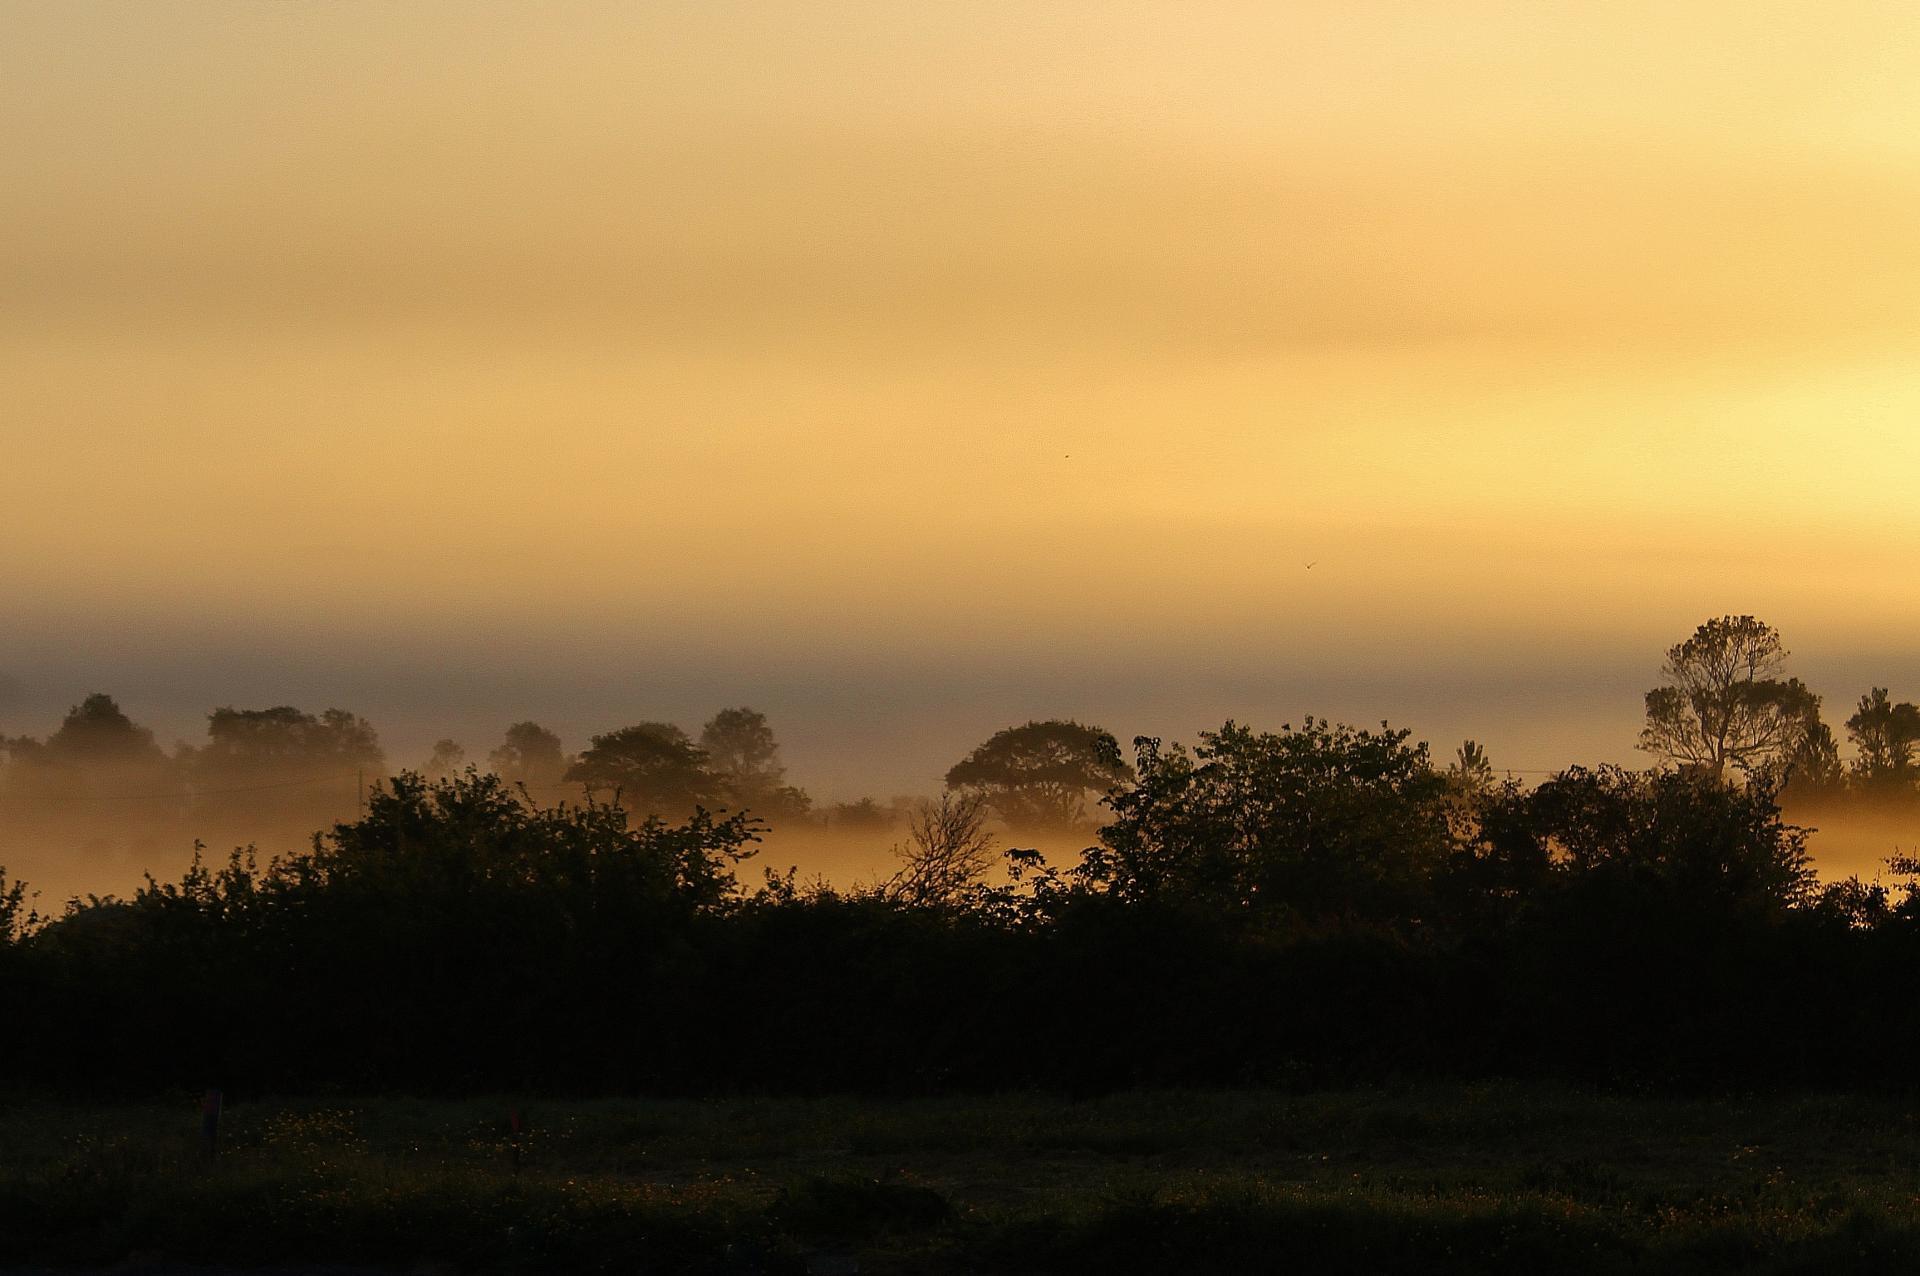 Conteville les boulogne top photo du lever du soleil avec de la brume stagnante